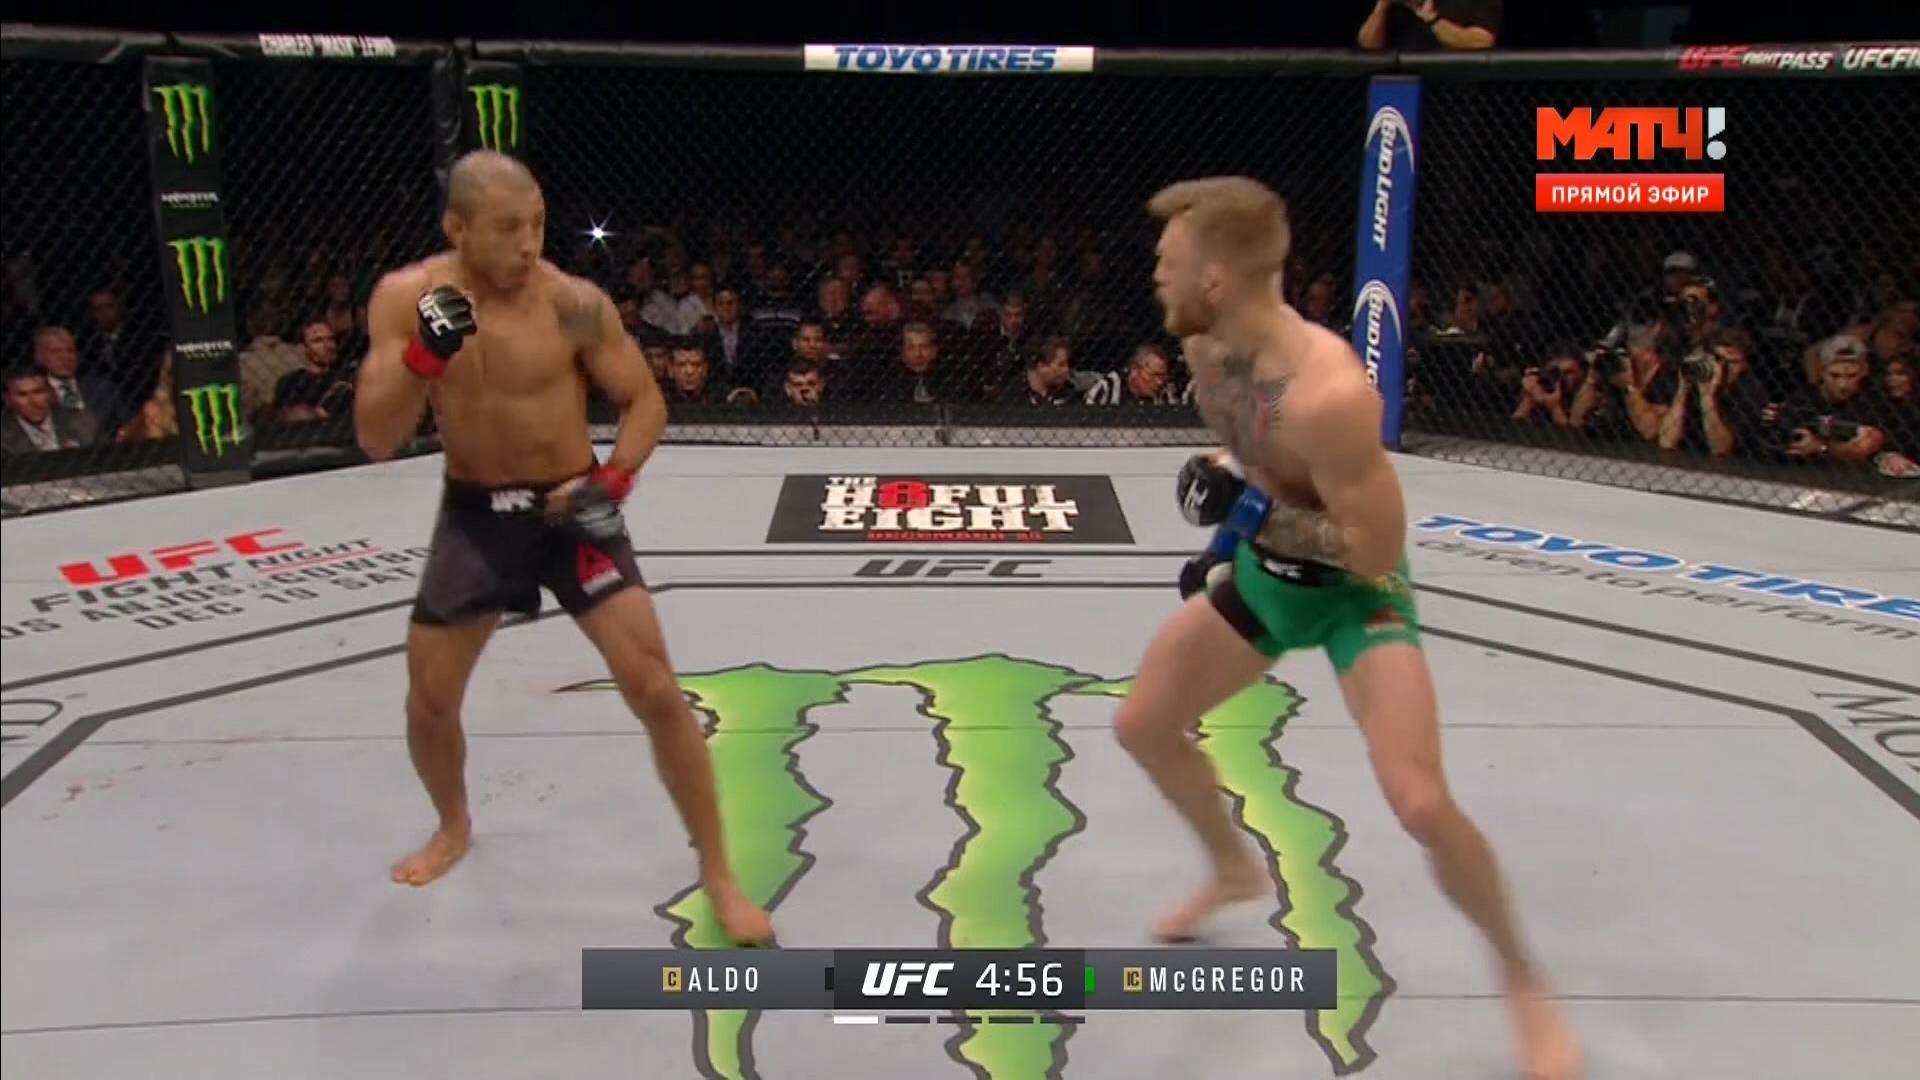 MMA. UFC 194. ����� - ��������� + ��������� [12.12] | HDTV 1080i